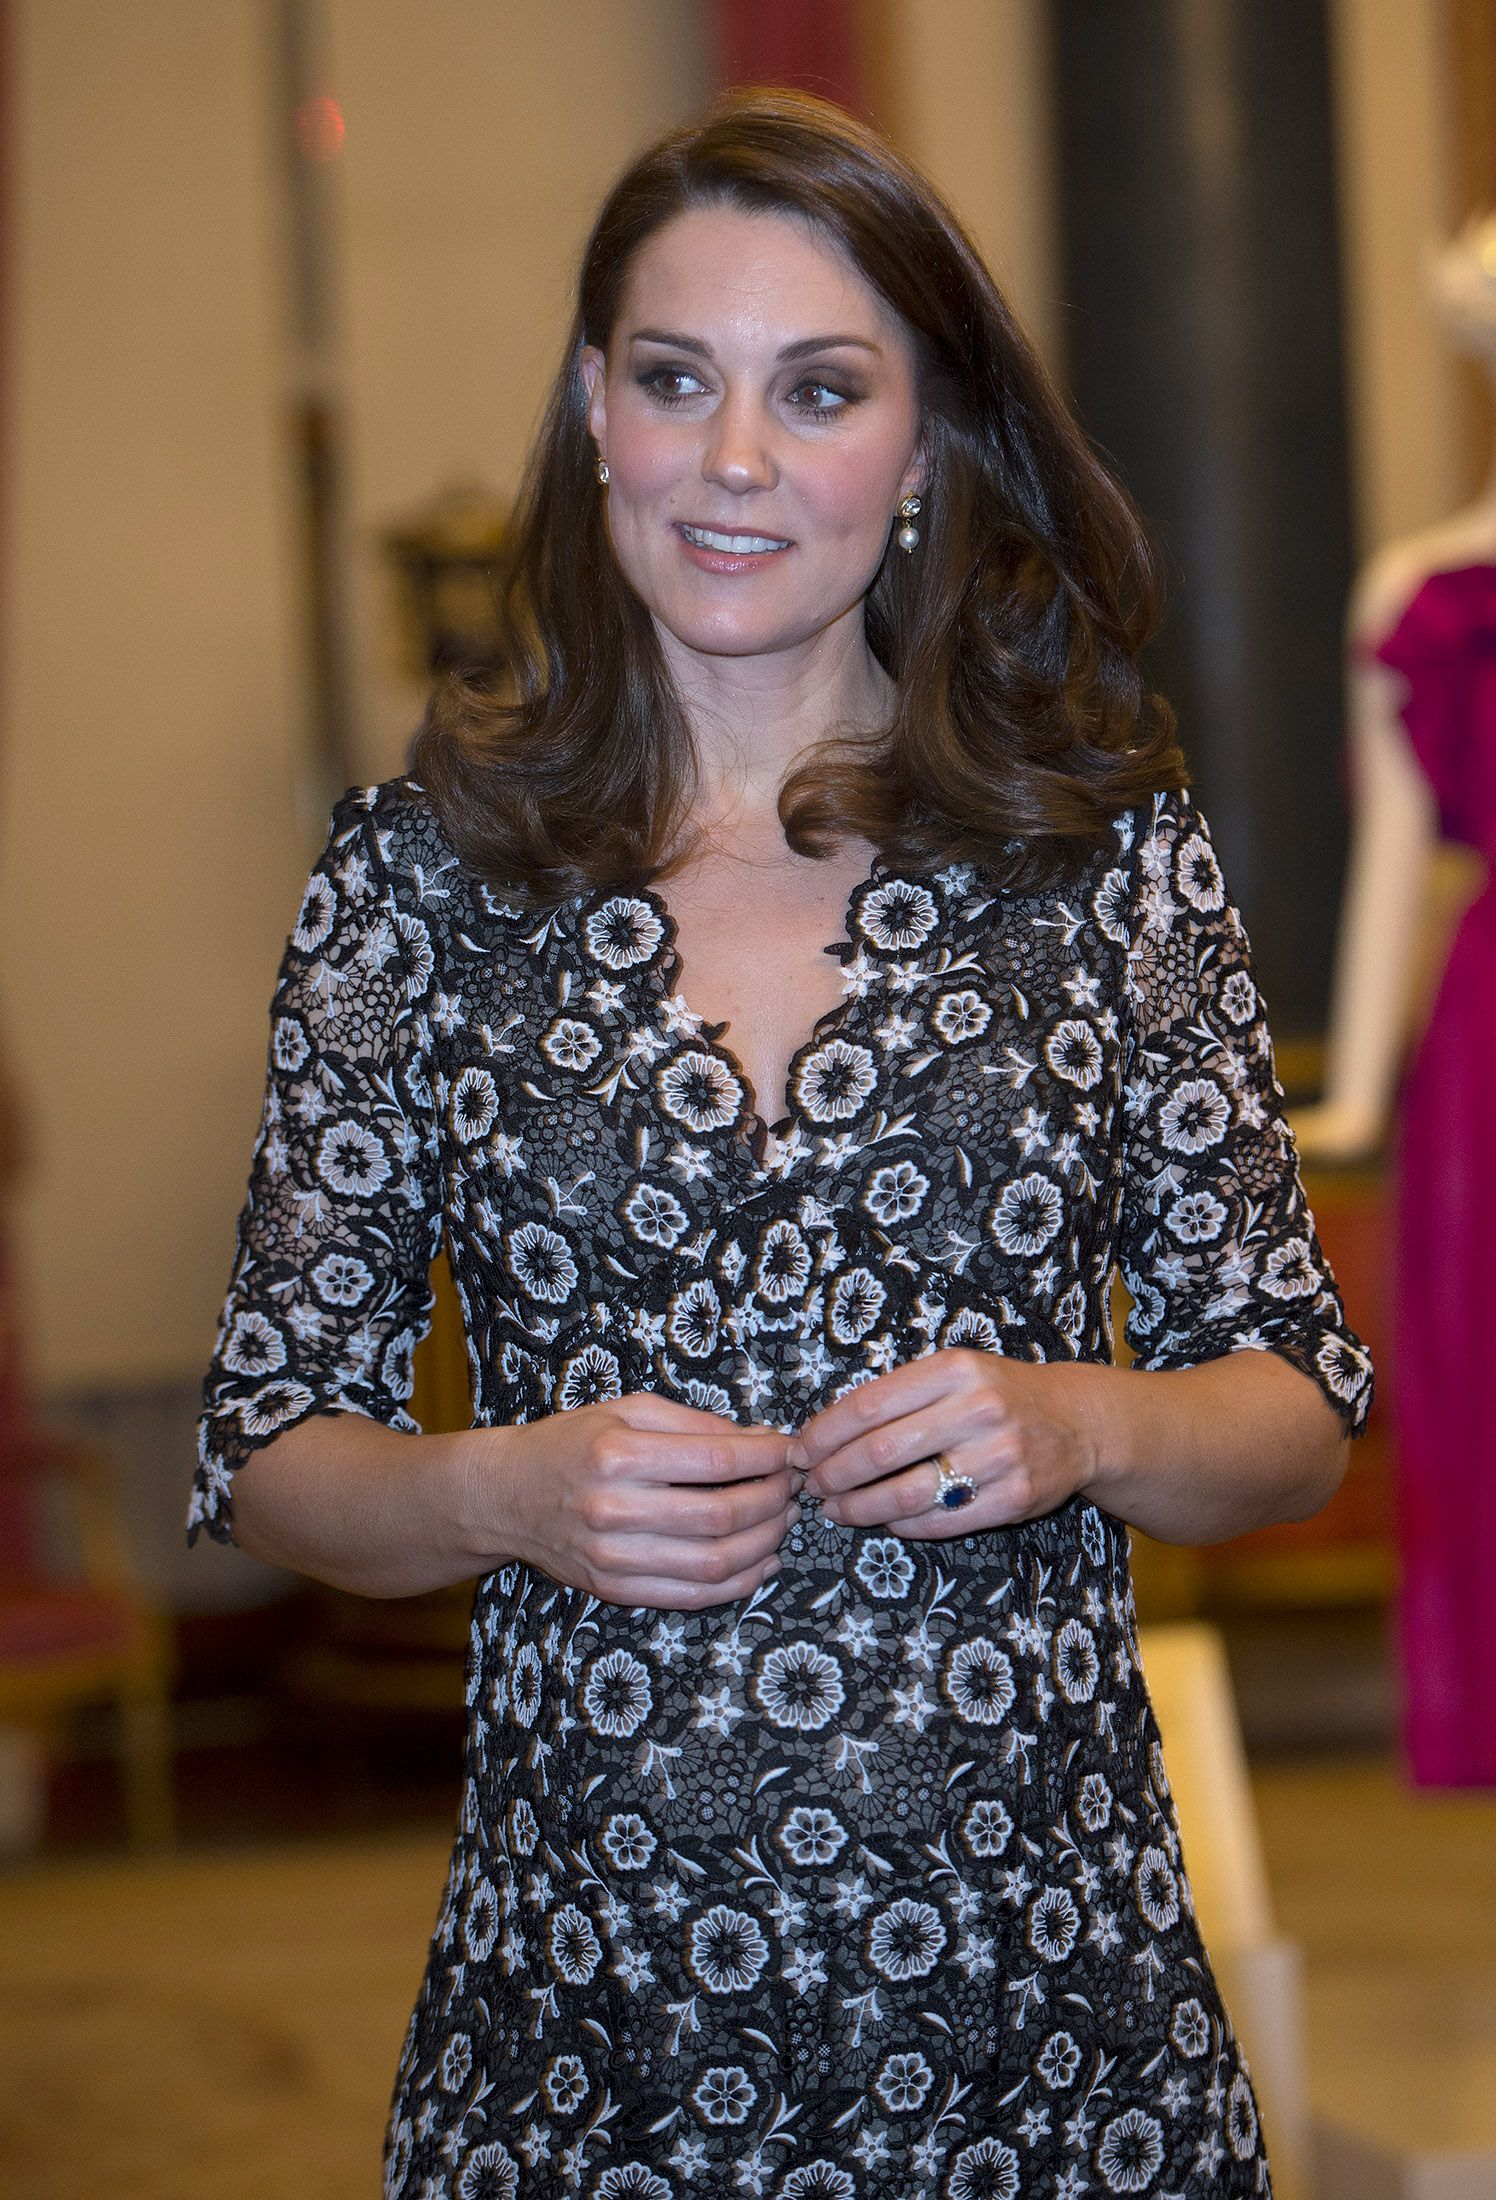 Kate Middleton Wears Black Erdem After BAFTAs Backlash